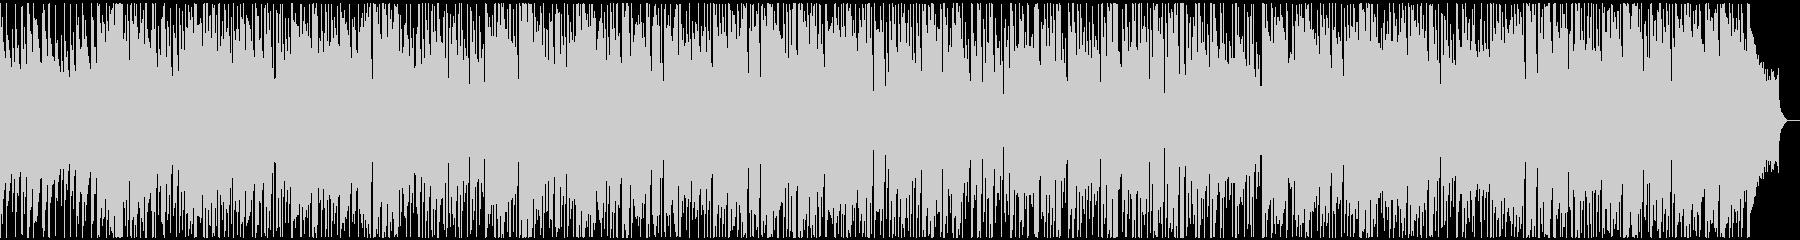 ハーモニカが唄うすこし物憂いボサノバの未再生の波形